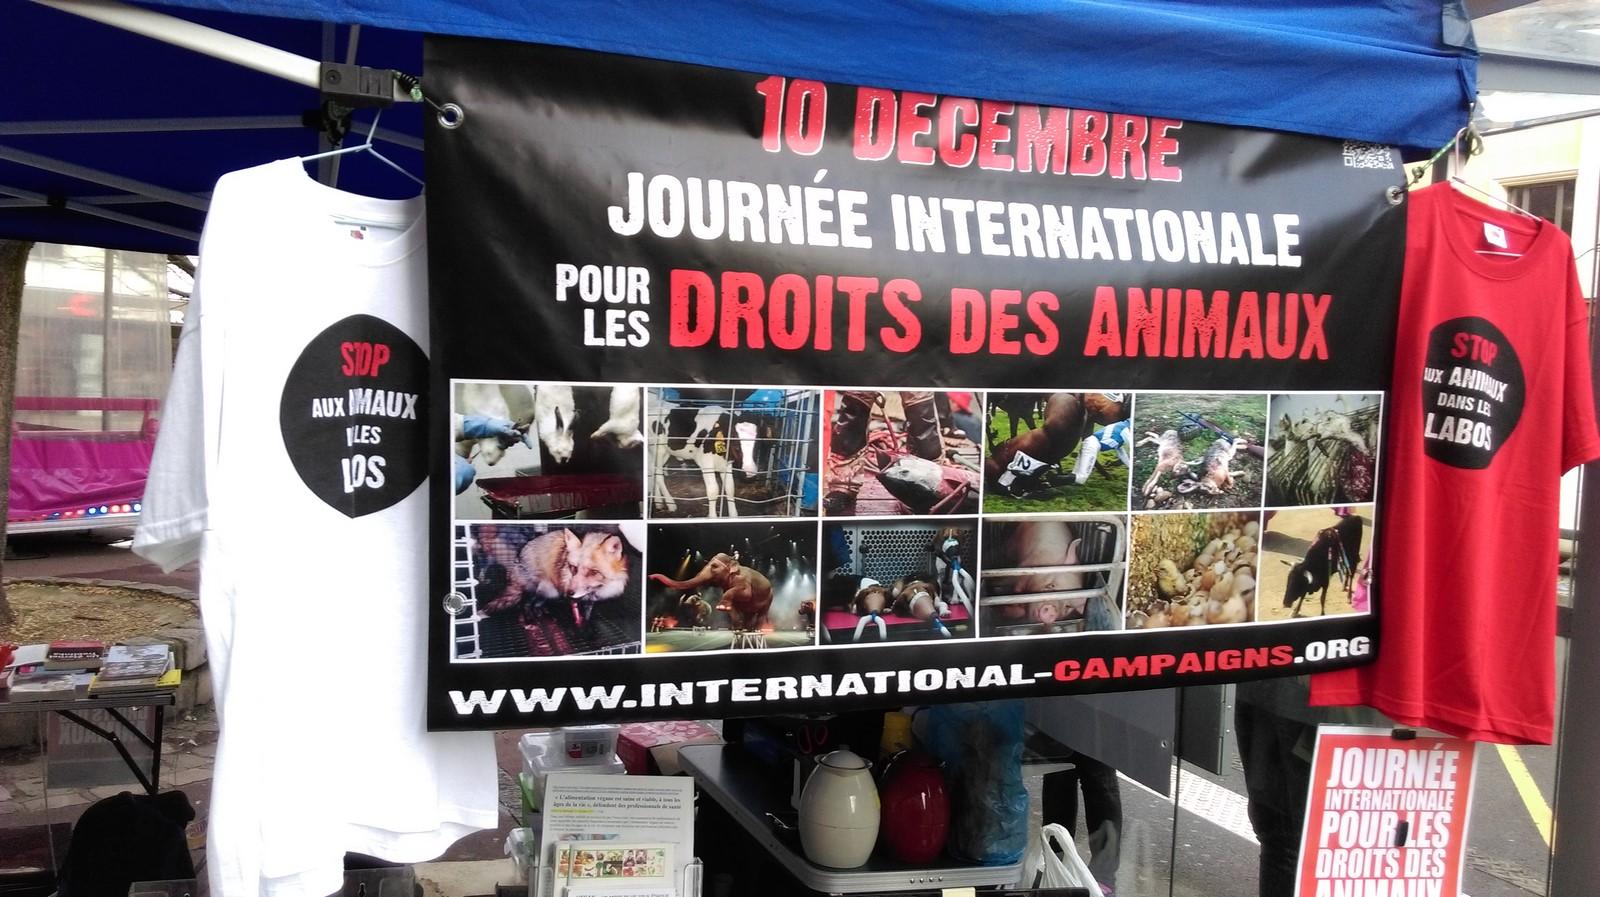 Journée Internationale pour les Droits des Animaux - Evreux